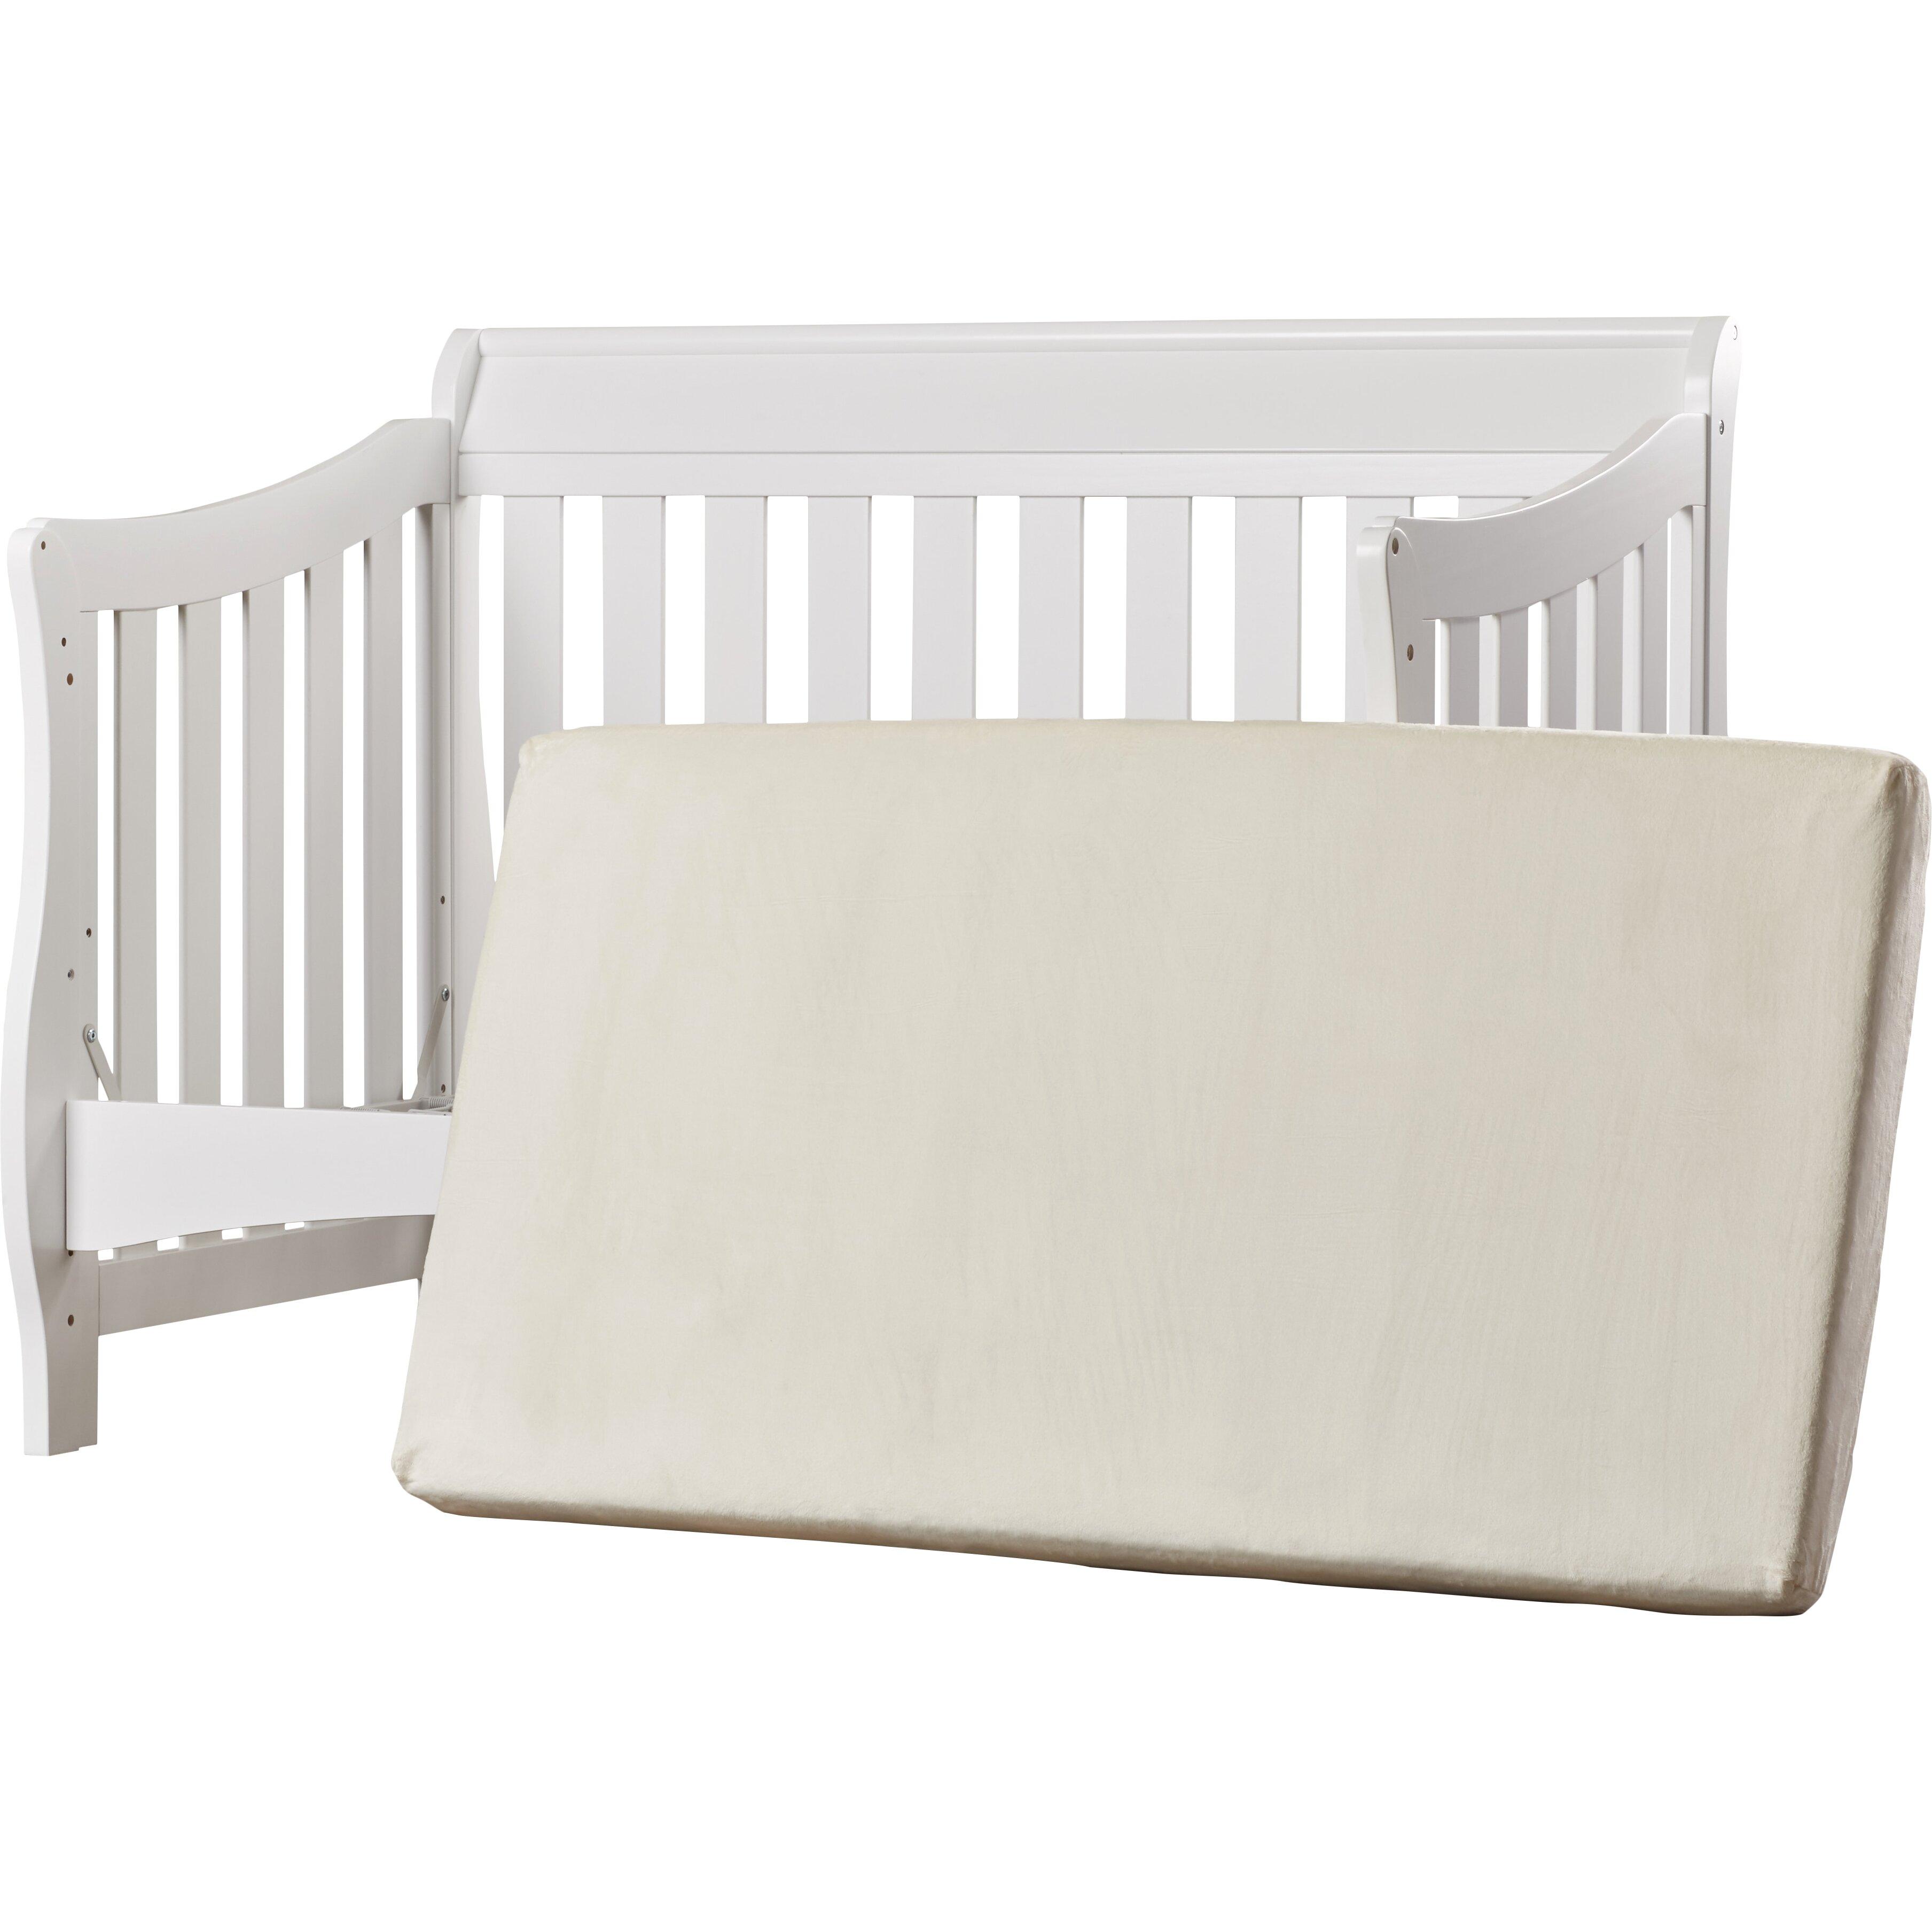 Crib mattress - Viv Rae Trade Dudley 5 Quot Crib Mattress Viv Rae Trade